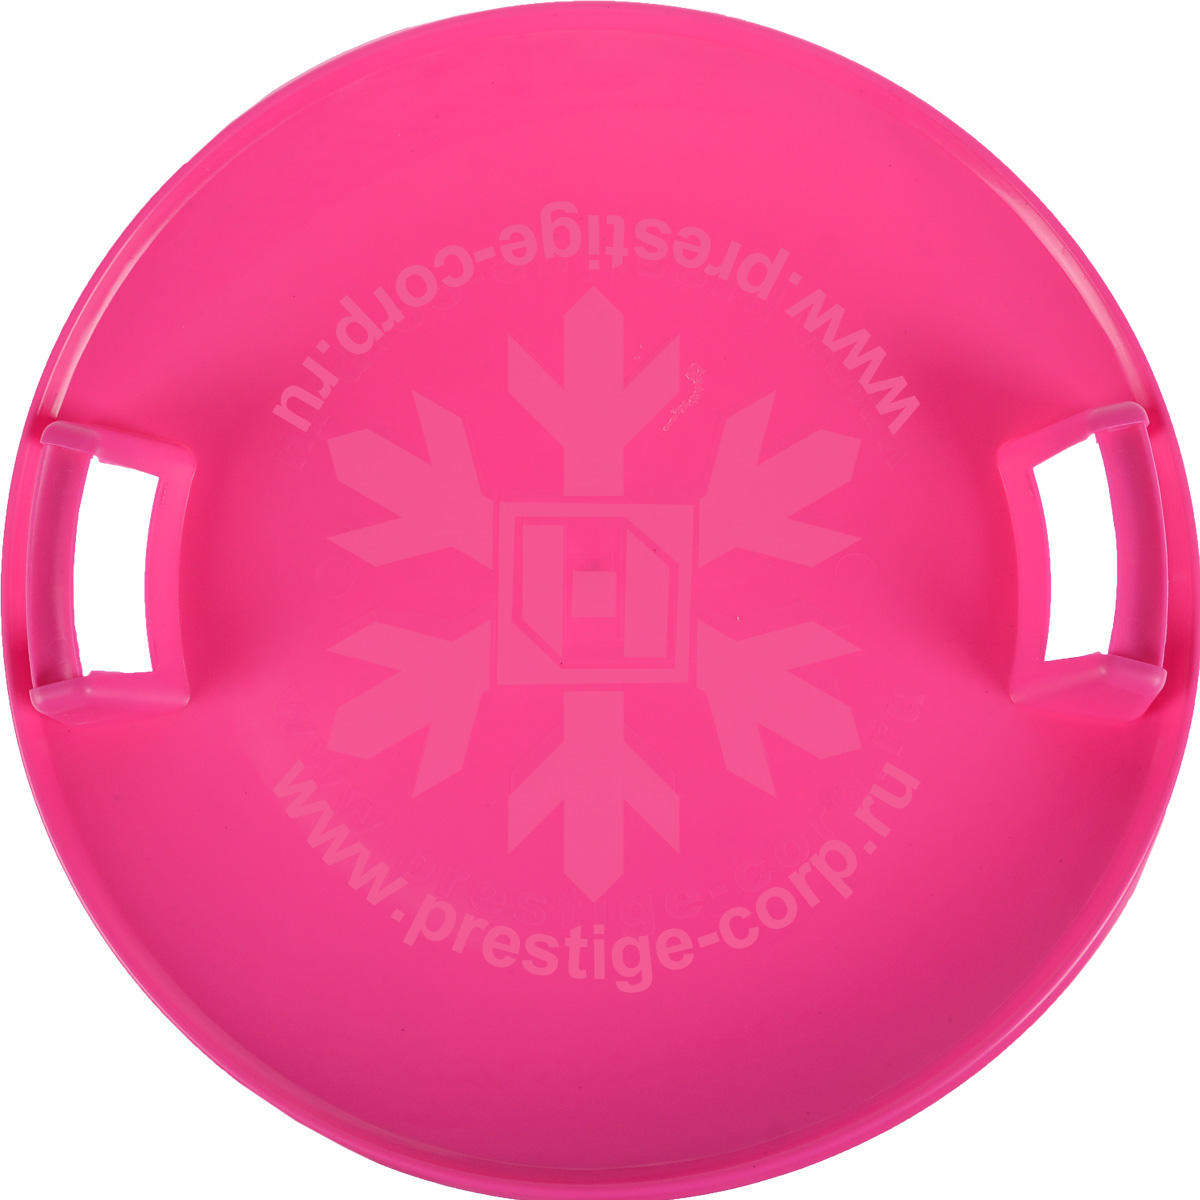 Санки-ледянки Престиж Экстрим, с пластиковыми ручками, увет: розовый, диаметр 58 см336913Любимая детская зимняя забава - это катание с горки. Яркие санки-ледянки Престиж Экстрим станут незаменимым атрибутом этой веселой детской игры. Санки-ледянки Престиж Экстрим - это специальная пластиковая тарелка, облегчающая скольжение и увеличивающая скорость движения по горке. Круглая ледянка выполнена из прочного морозоустойчивого пластика и снабжена двумя удобными ручками, чтобы катание вашего ребенка было безопасным. Отличная скорость, прочный материал и спуск, который можно закончить сидя спиной к низу горки - вот что может предоставить это изделие! Благодаря малому весу, ледянку, в отличие от обычных санок, легко нести с собой даже ребенку.